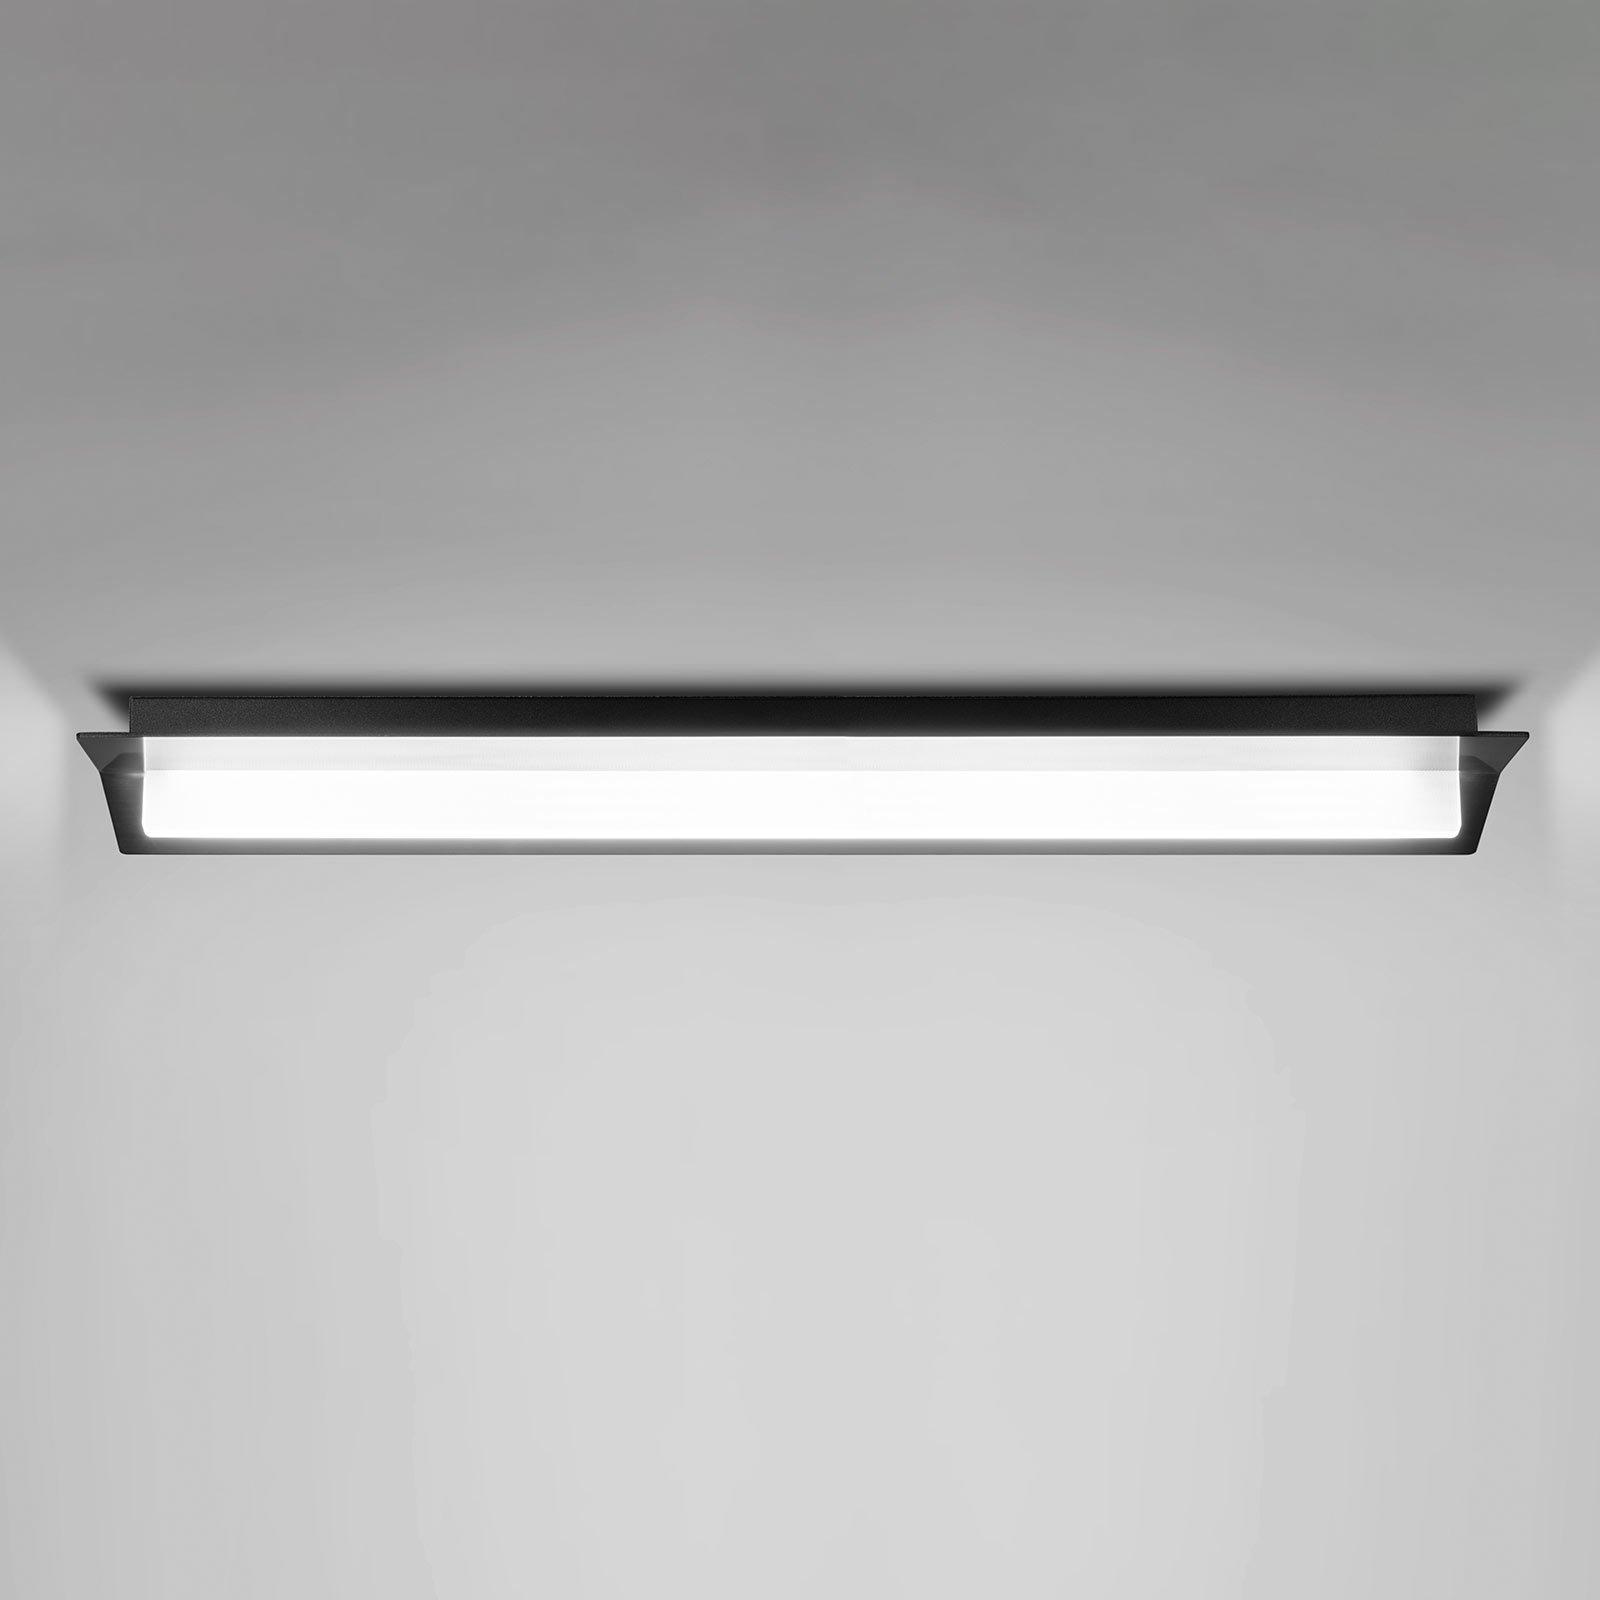 Flurry LED-taklampe, 70 cm, svart